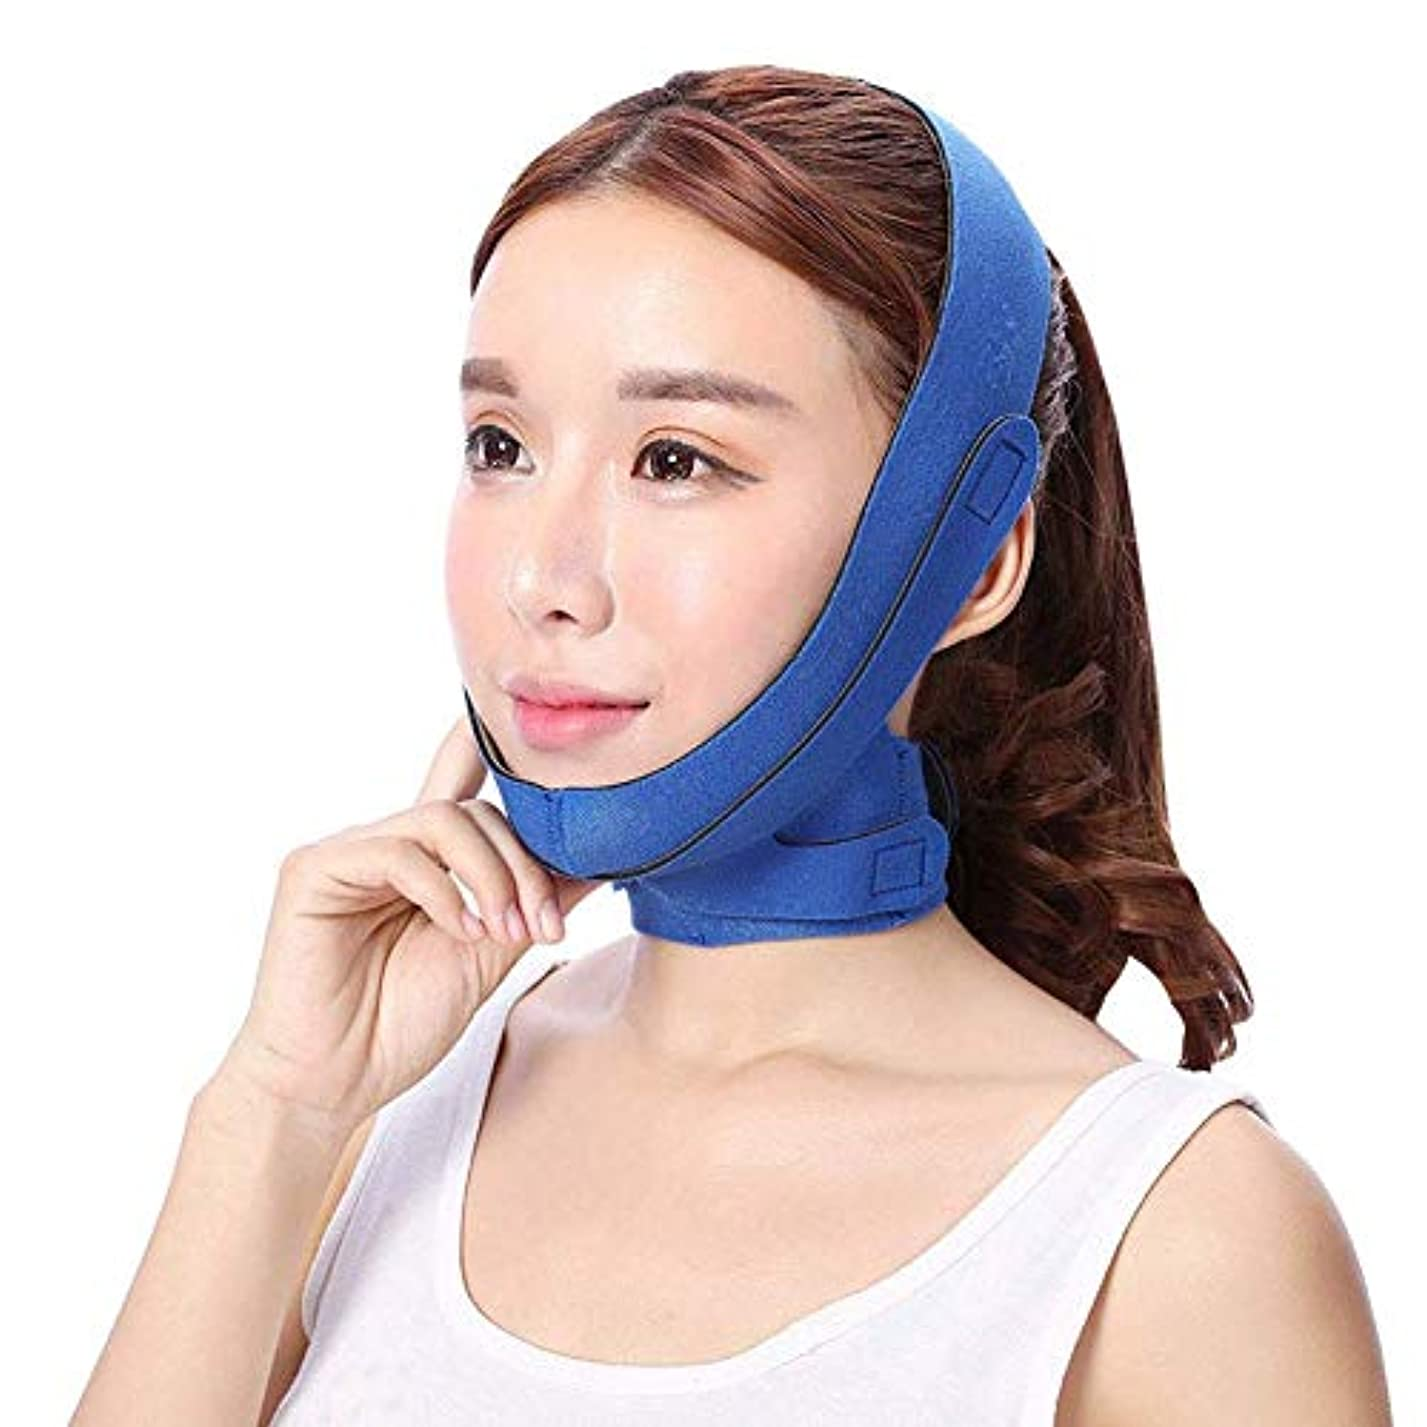 一般的に言えば妖精予想するフェイスリフティング包帯、薄いフェイスマスクVベルト/痩身包帯あご口腔マスク赤面